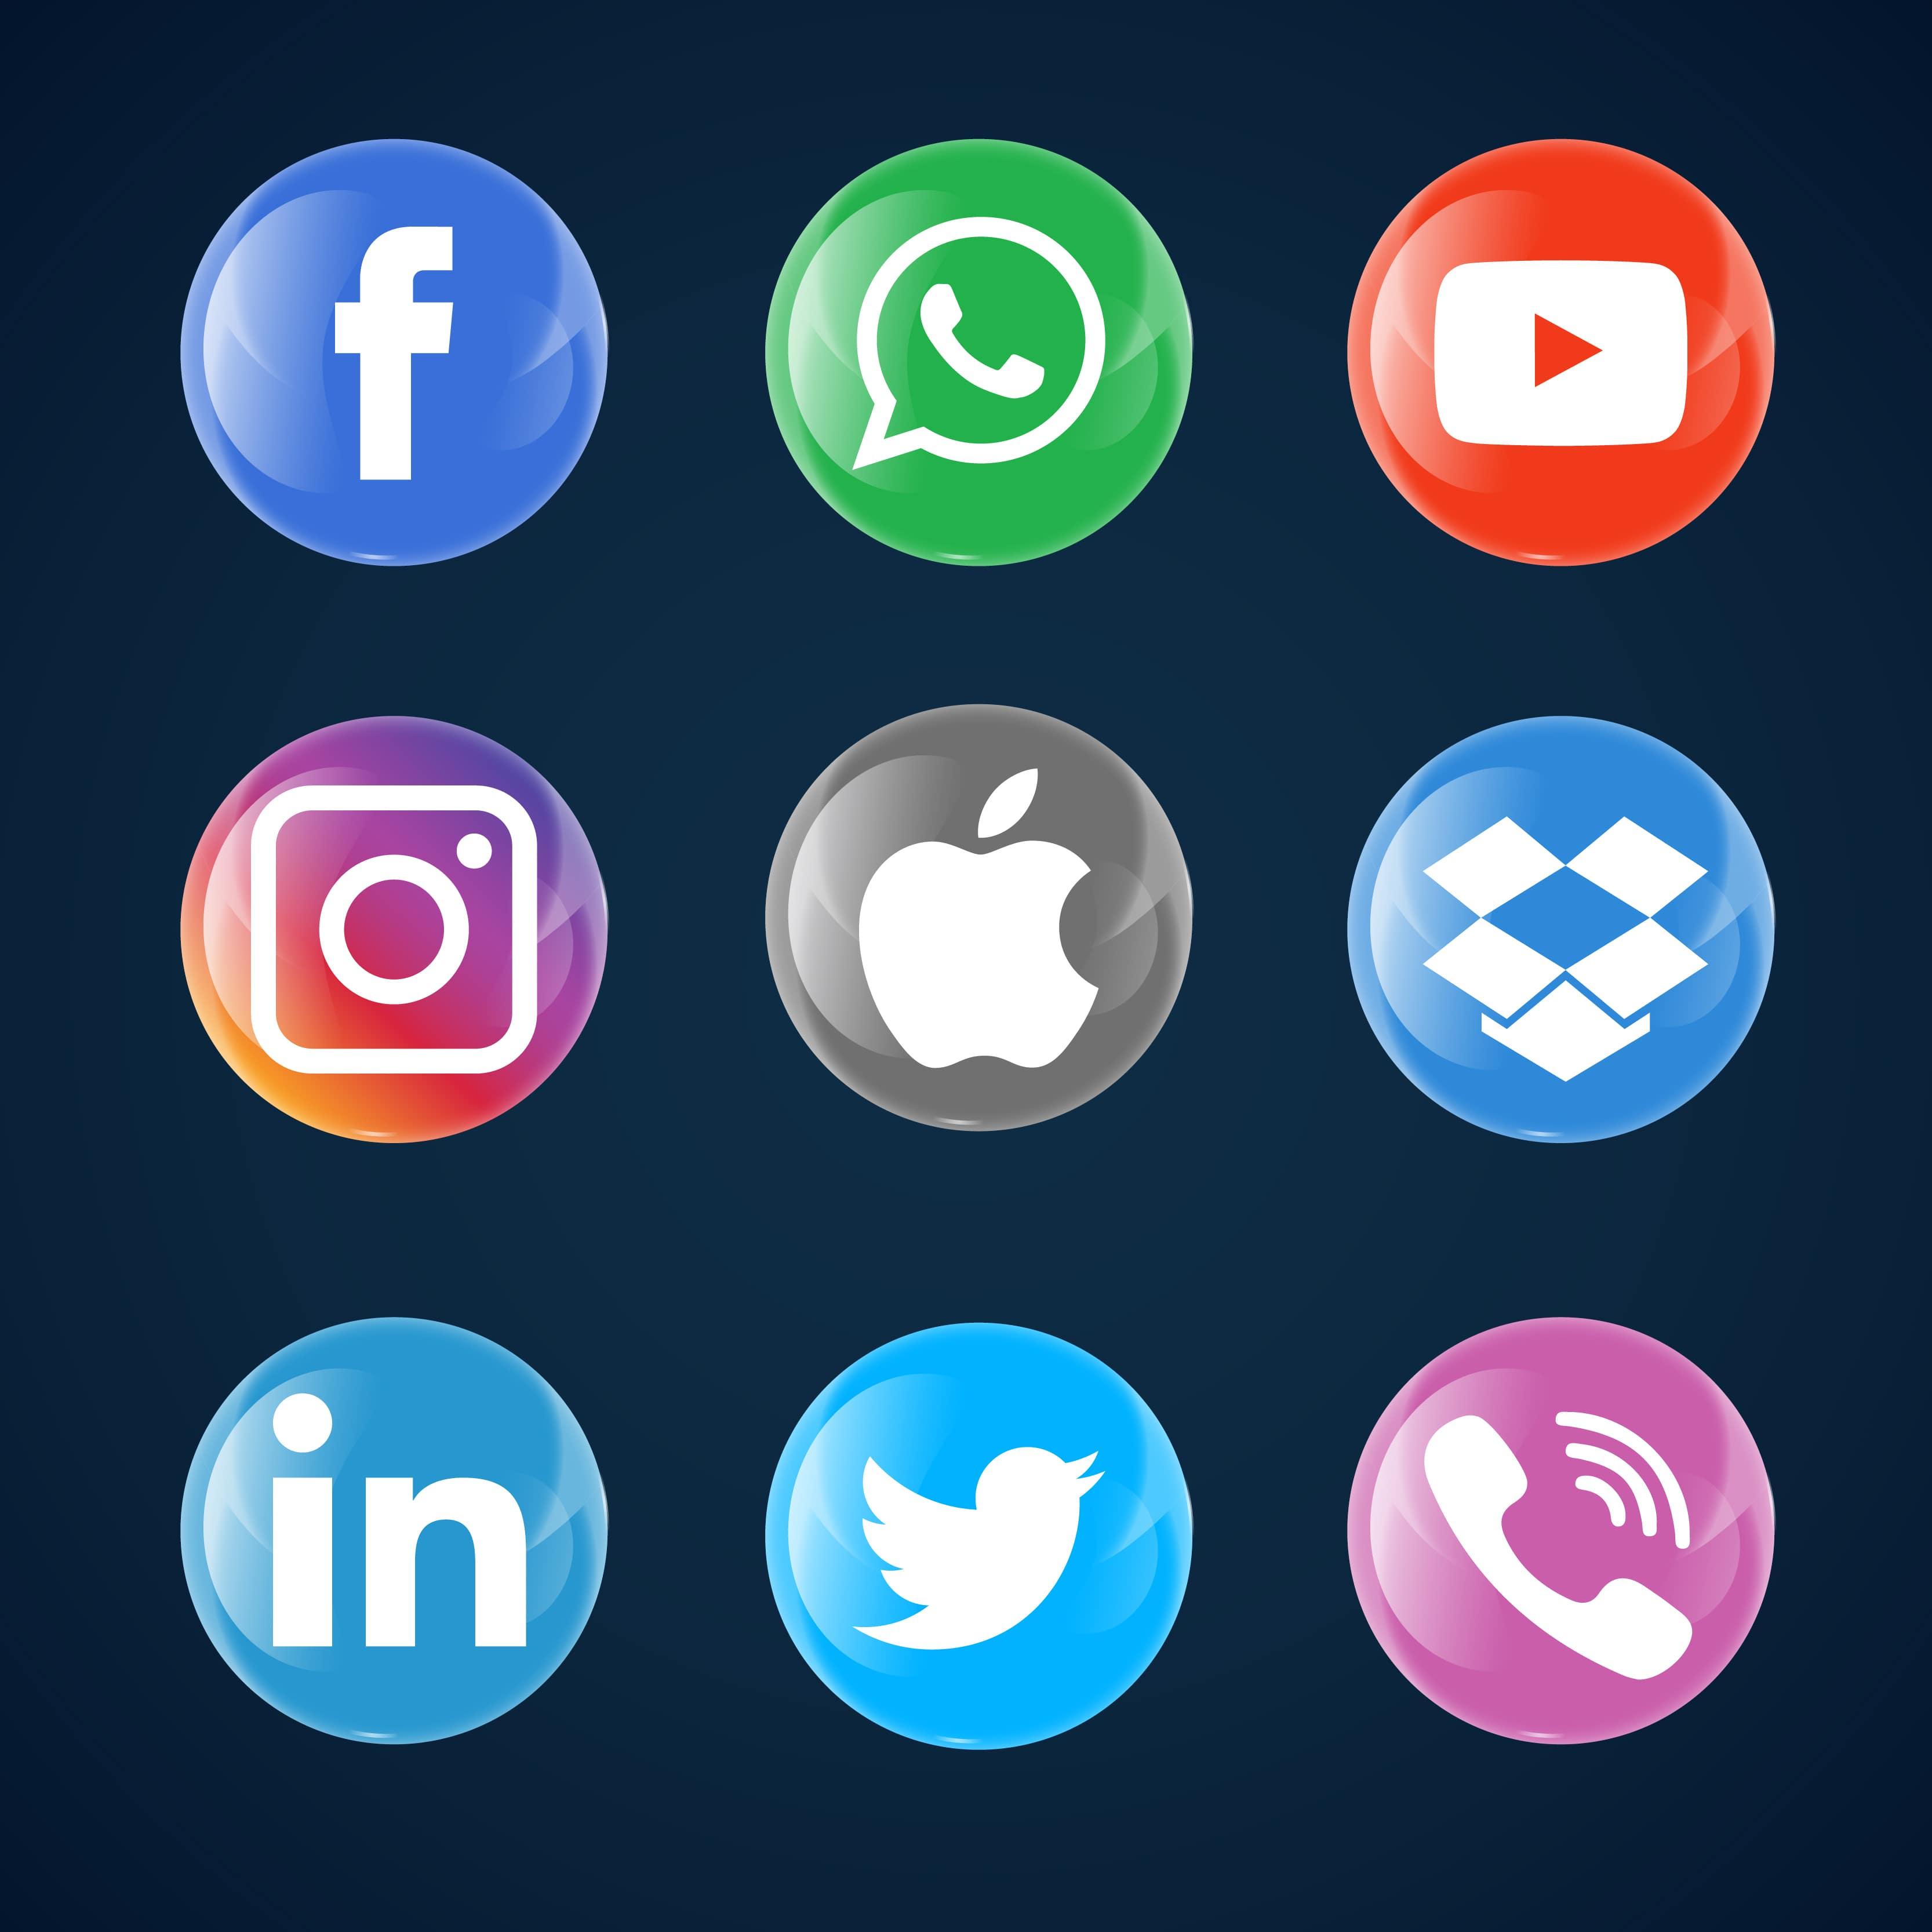 شبکههای اجتماعی چقدر ما را از زندگی واقعی دور میکنند؟